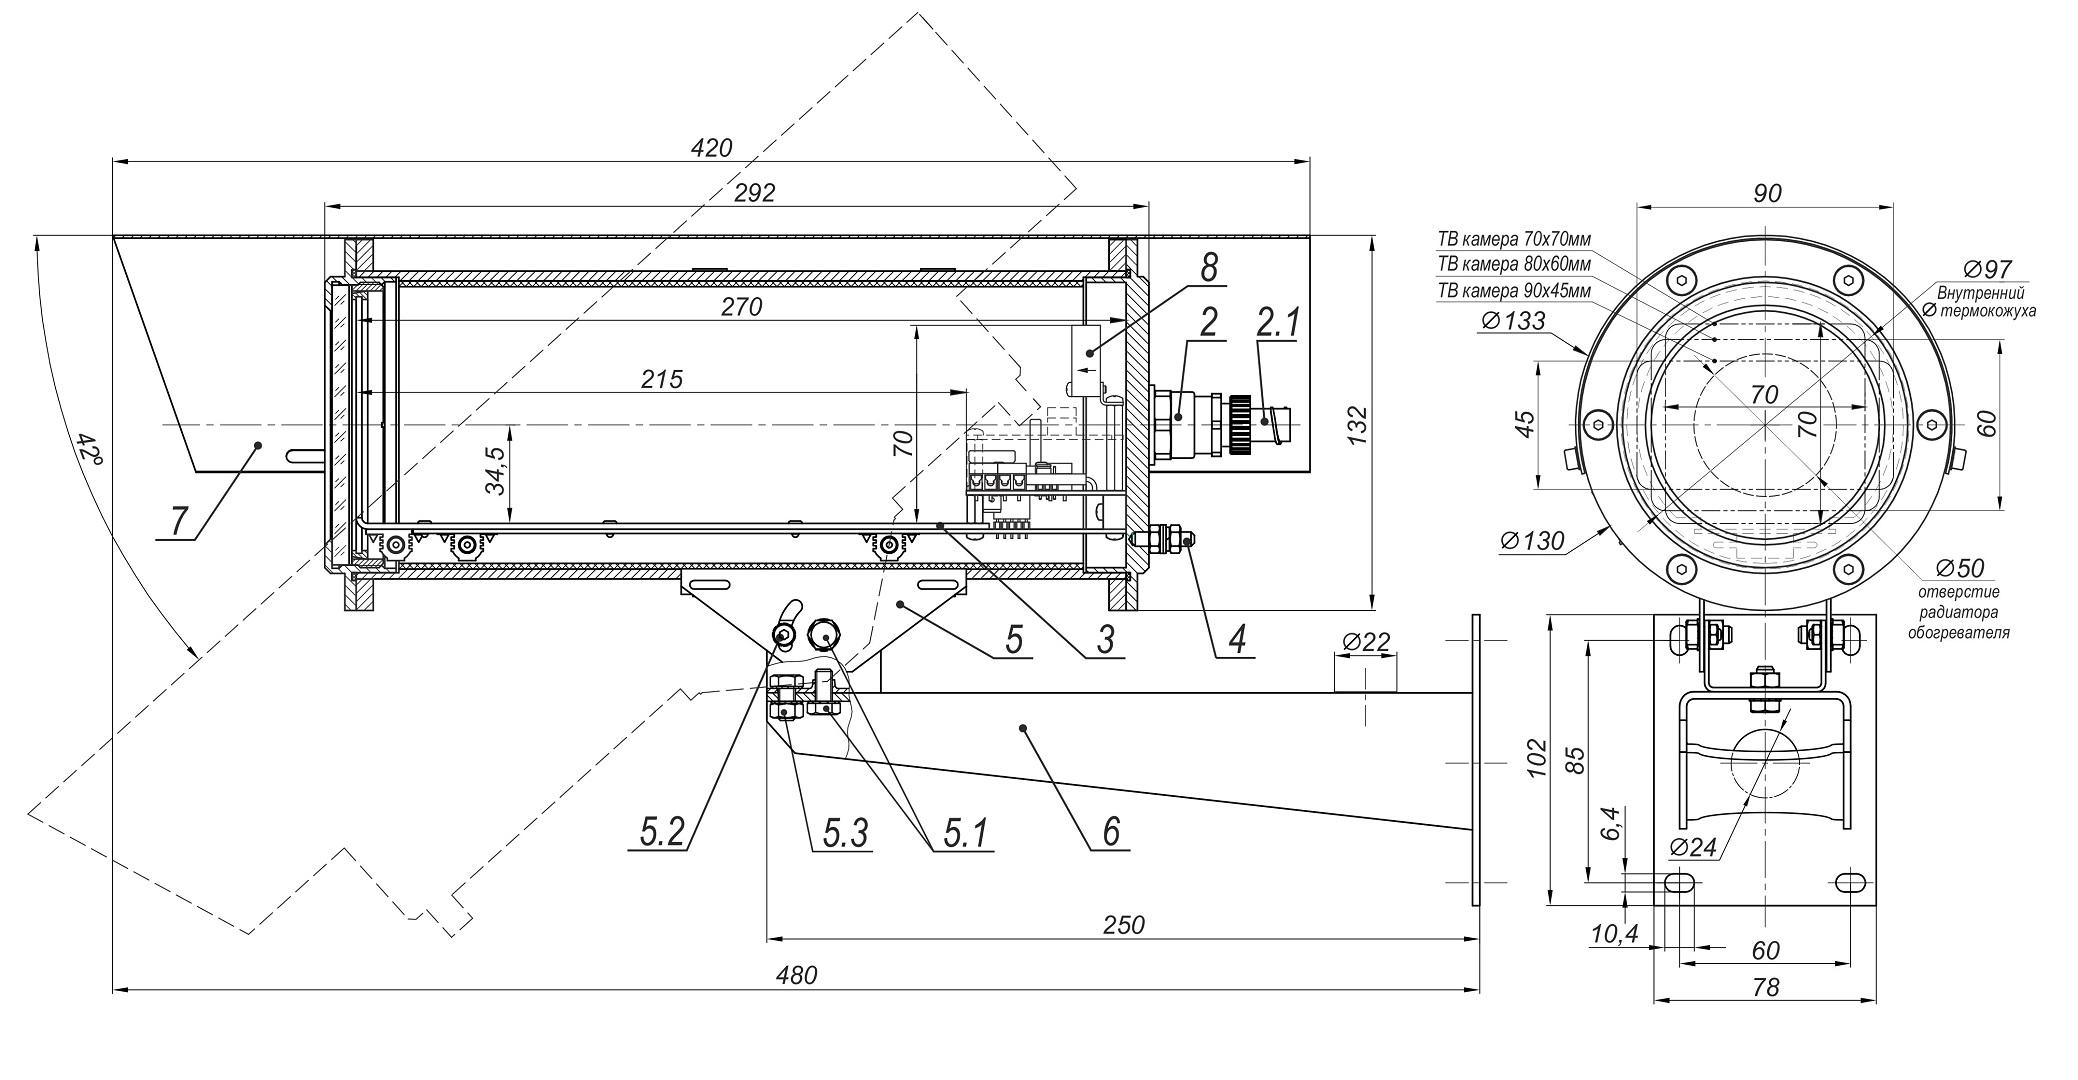 Состав и габаритно-установочные размеры ТГБ-8Г Ех